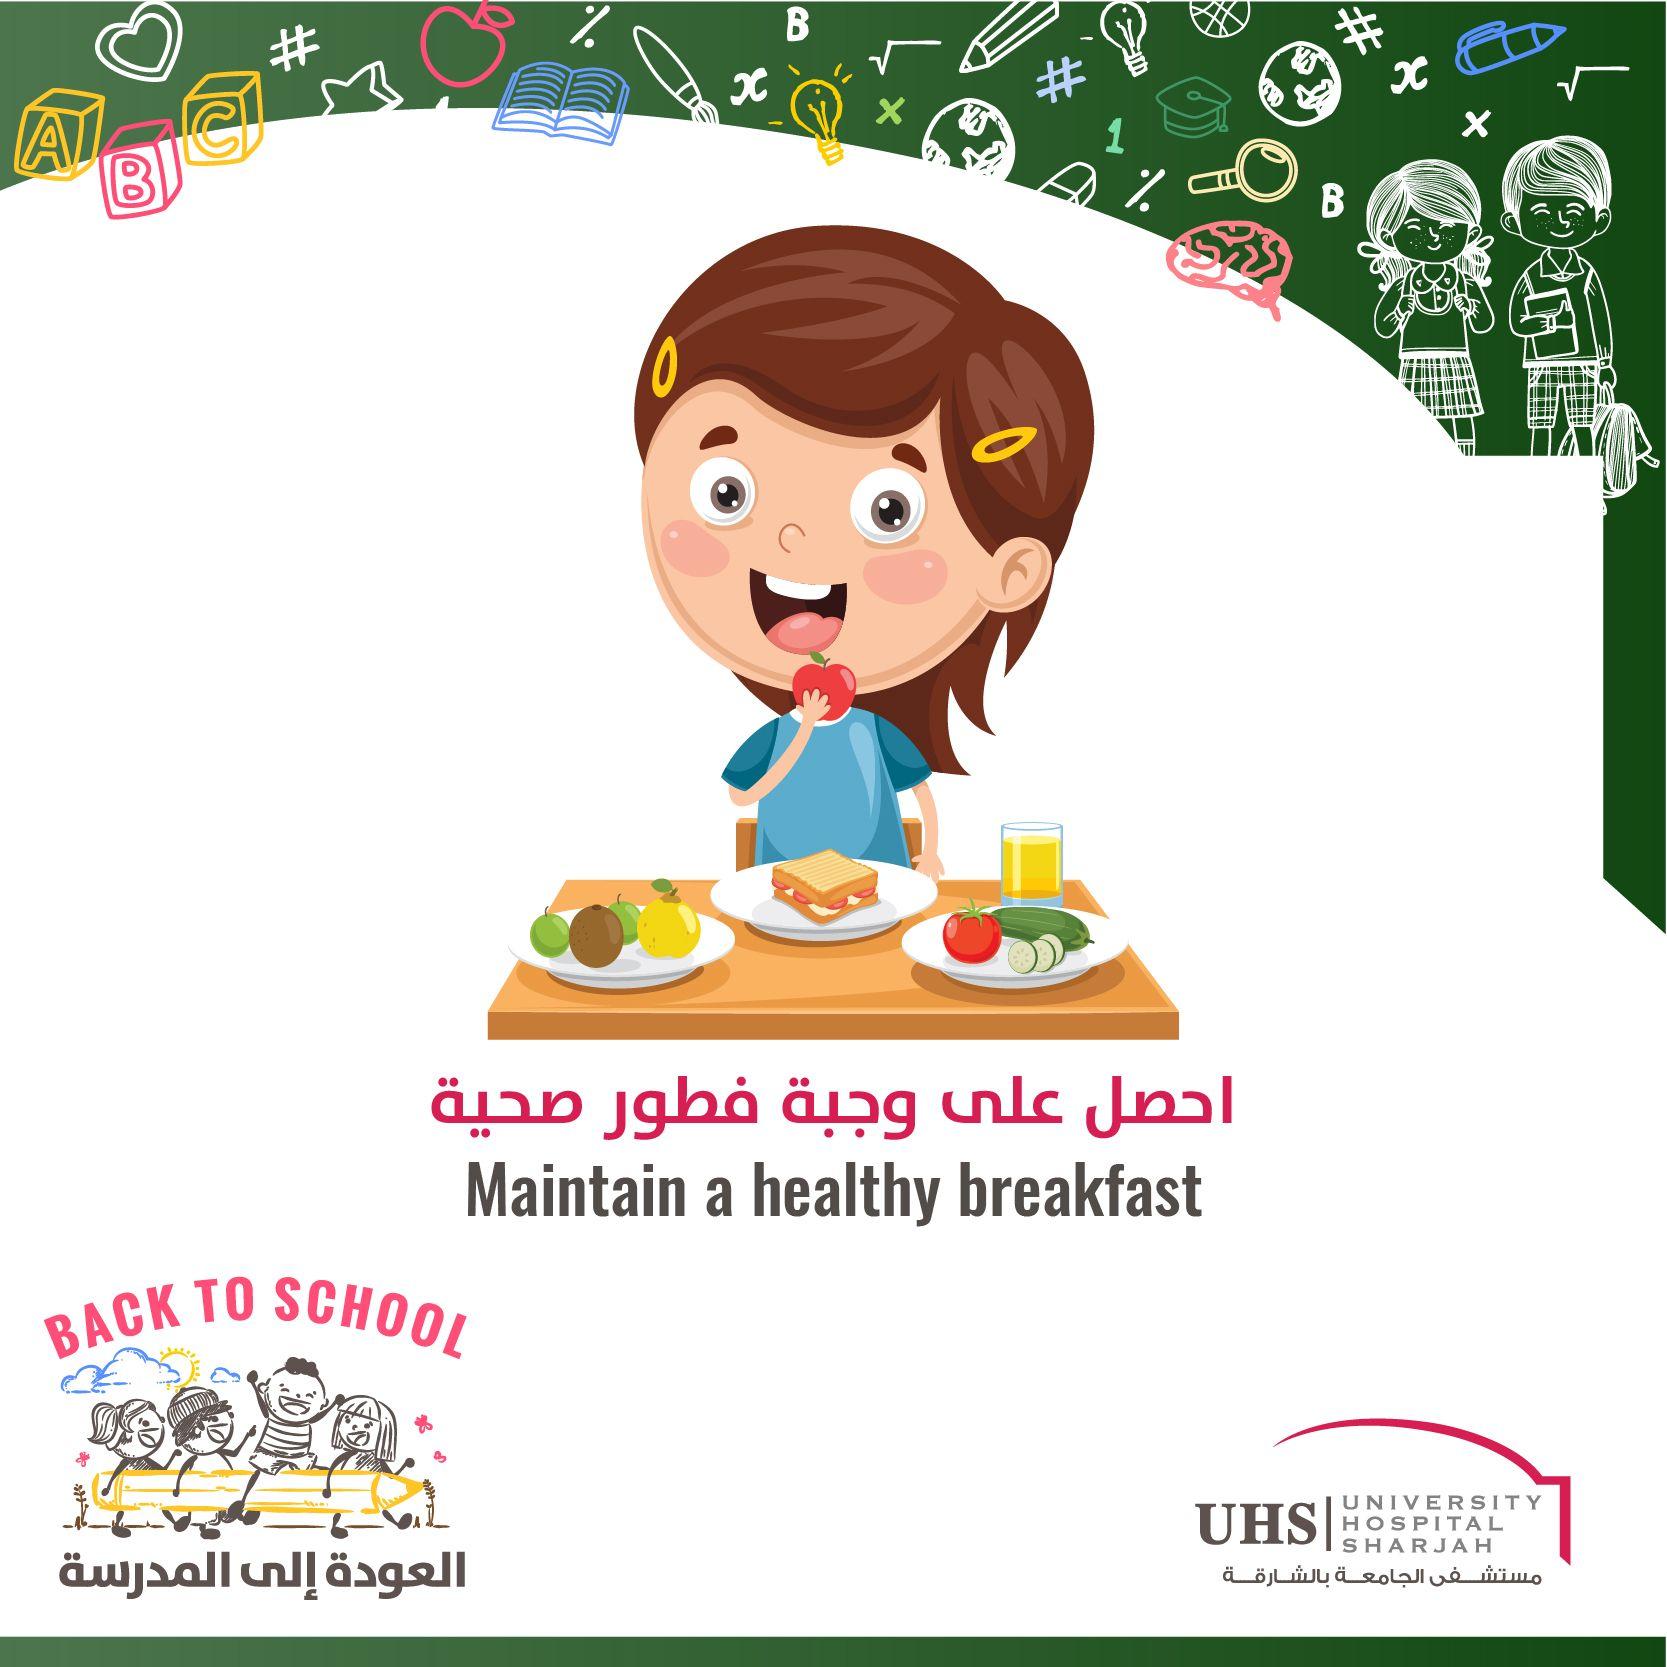 تناول الفواكه والخضروات والحبوب الكاملة ليوم مليئ بالنشاط والصحة Eat Fruits Vegetables And Whole Grains In The Morning For Back To School School Character